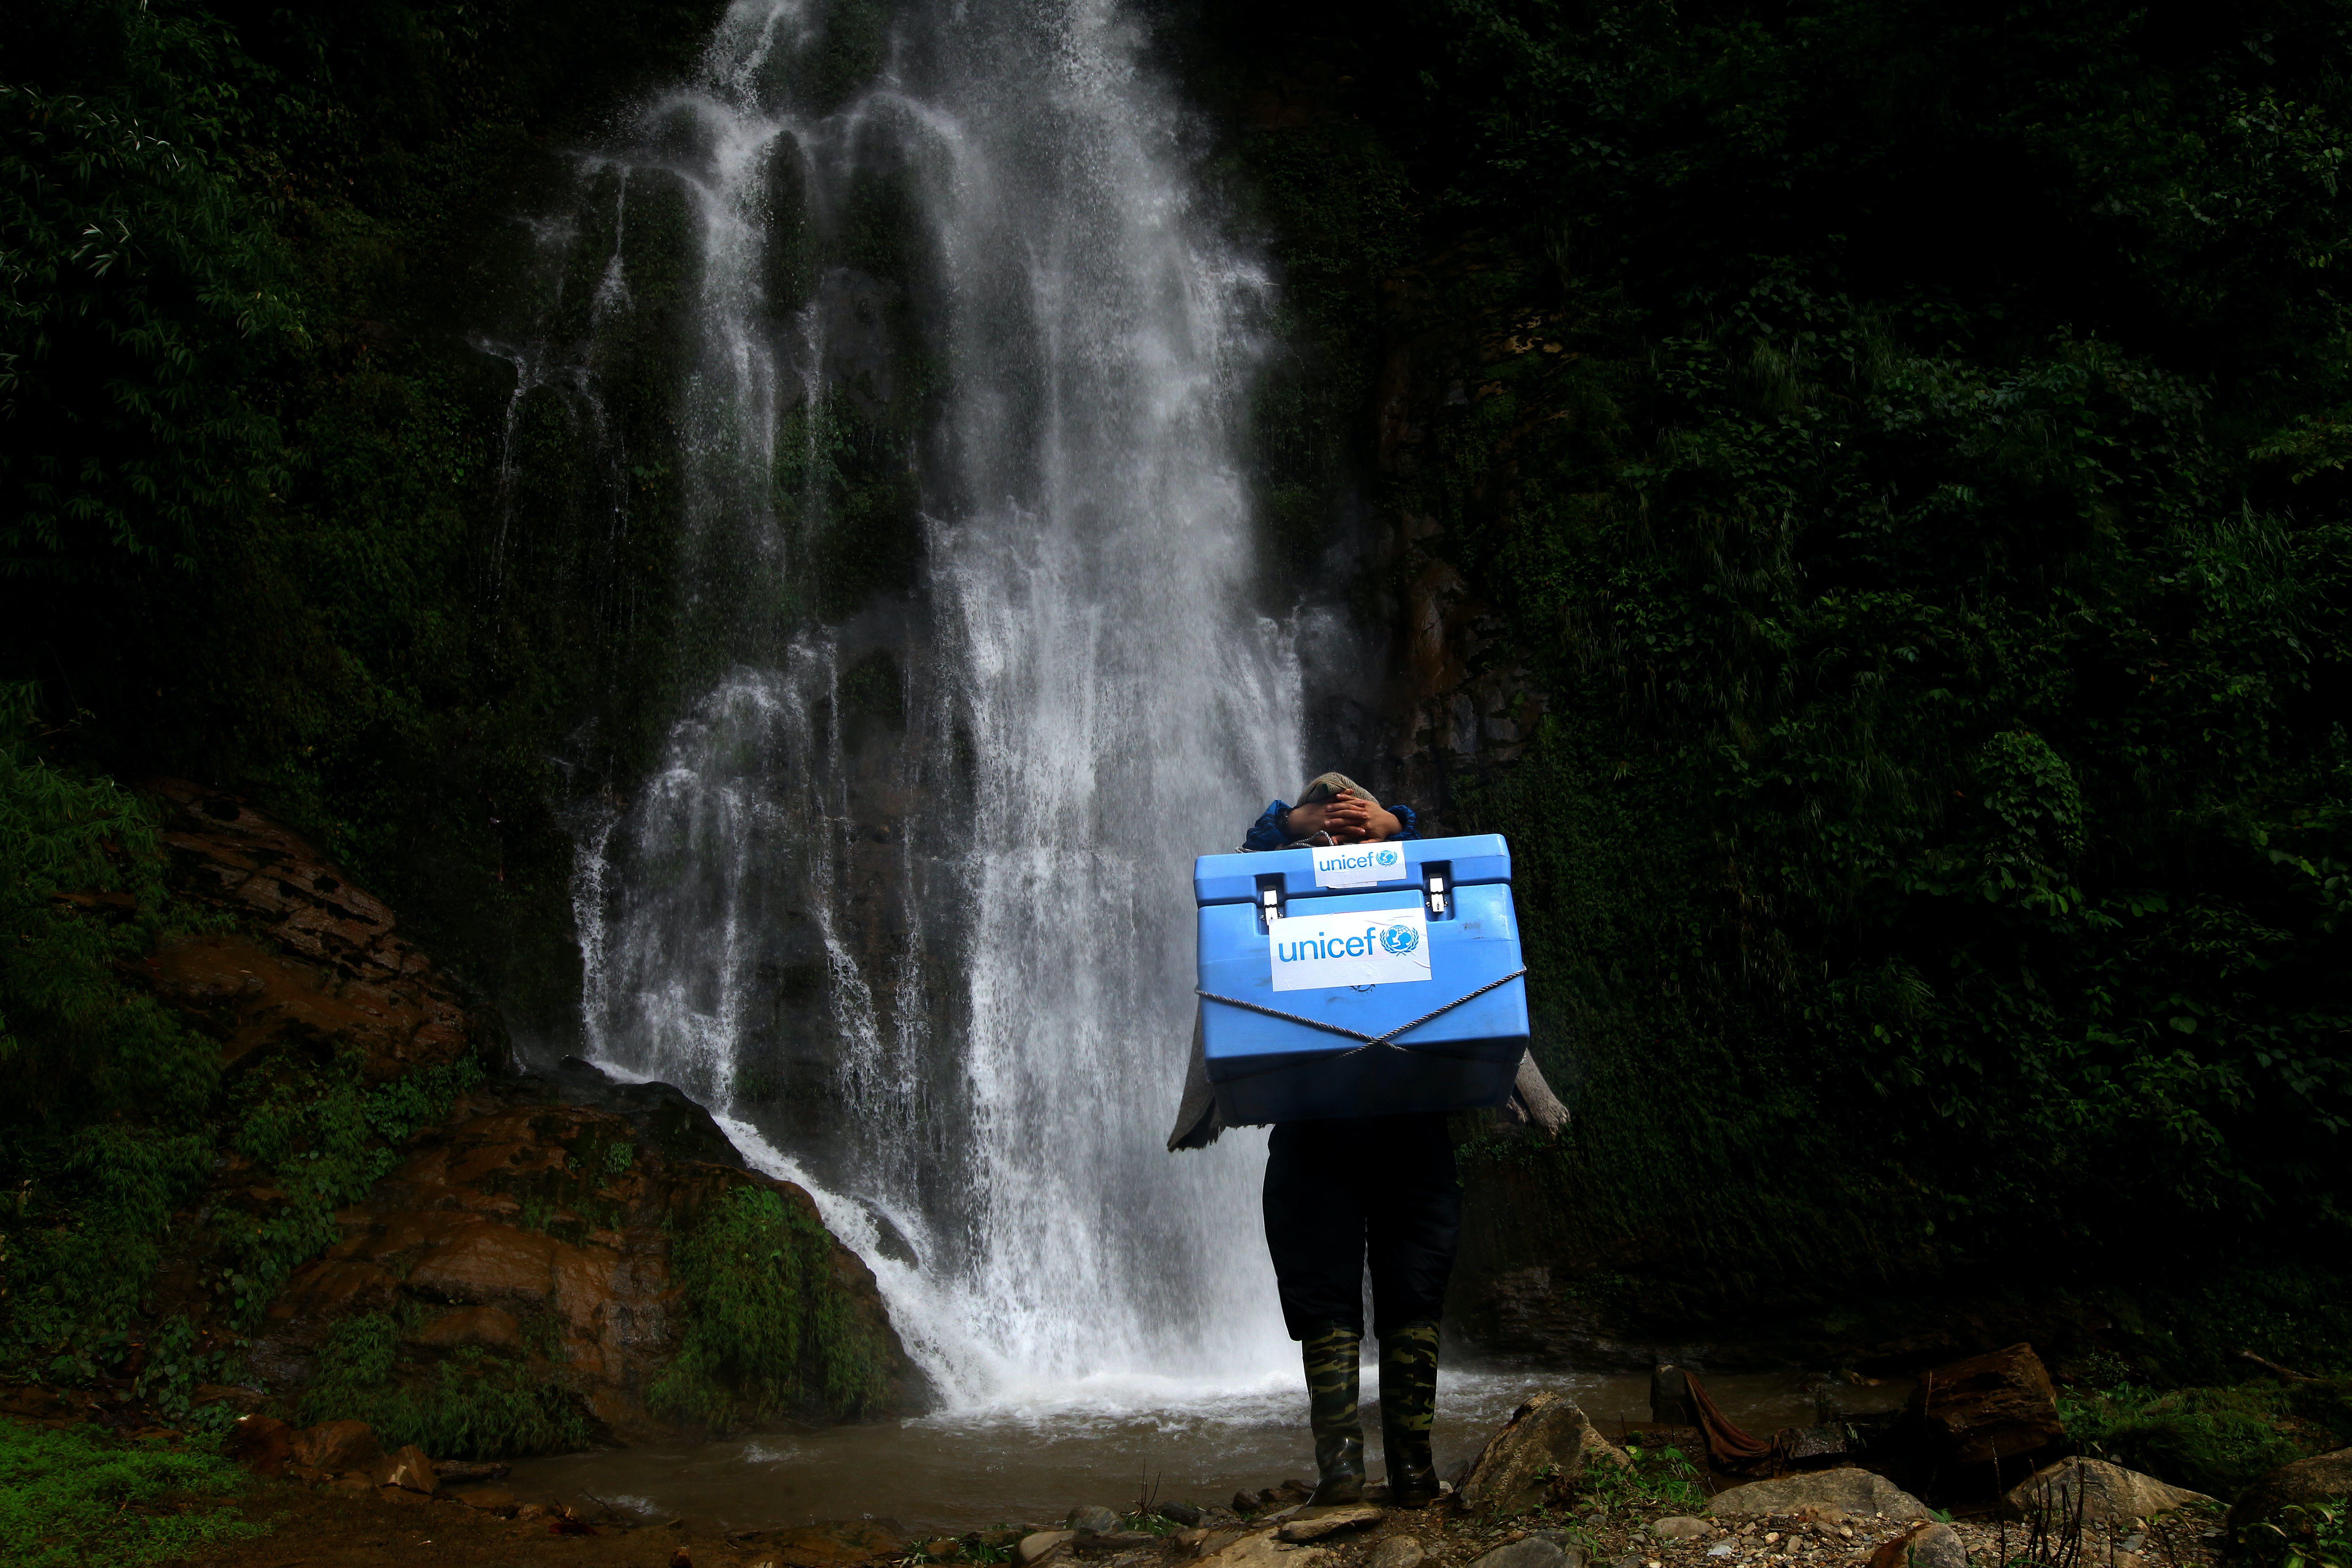 Nella foto, un operatore trasporta i vaccini forniti dall'UNICEF attraverso un sentiero impervio